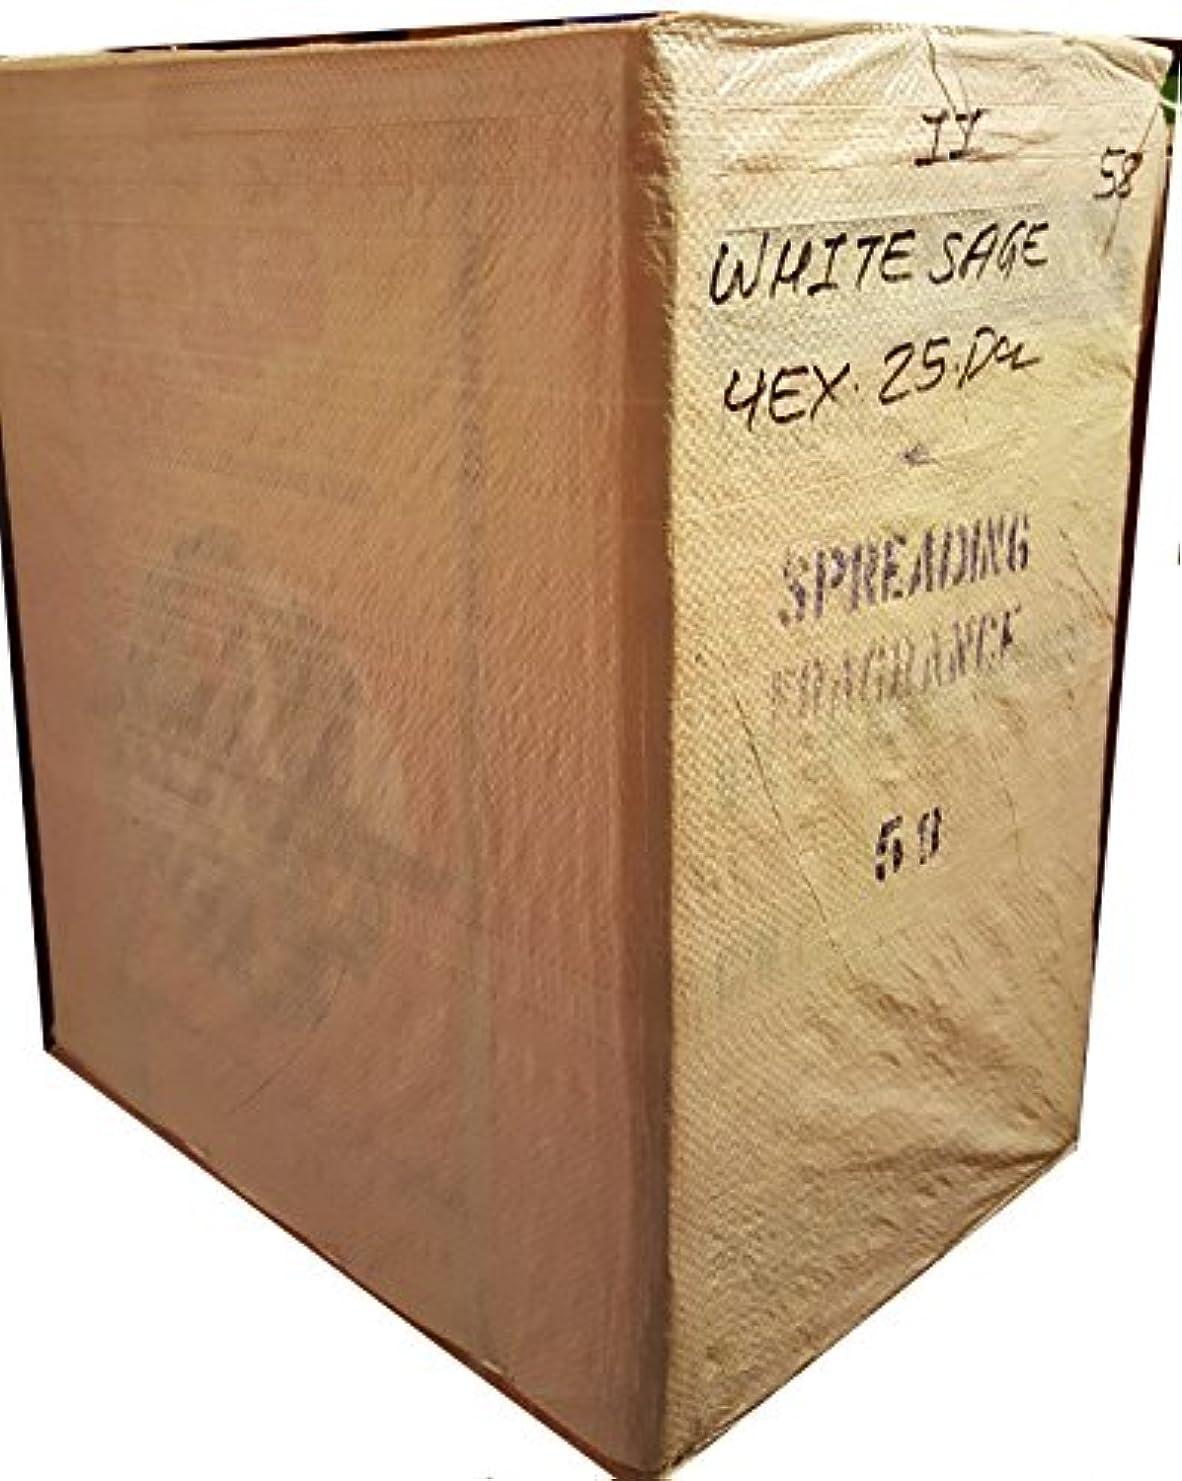 不承認反逆者必要ないJBJ Sacホワイトセージお香ケース50のボックス。